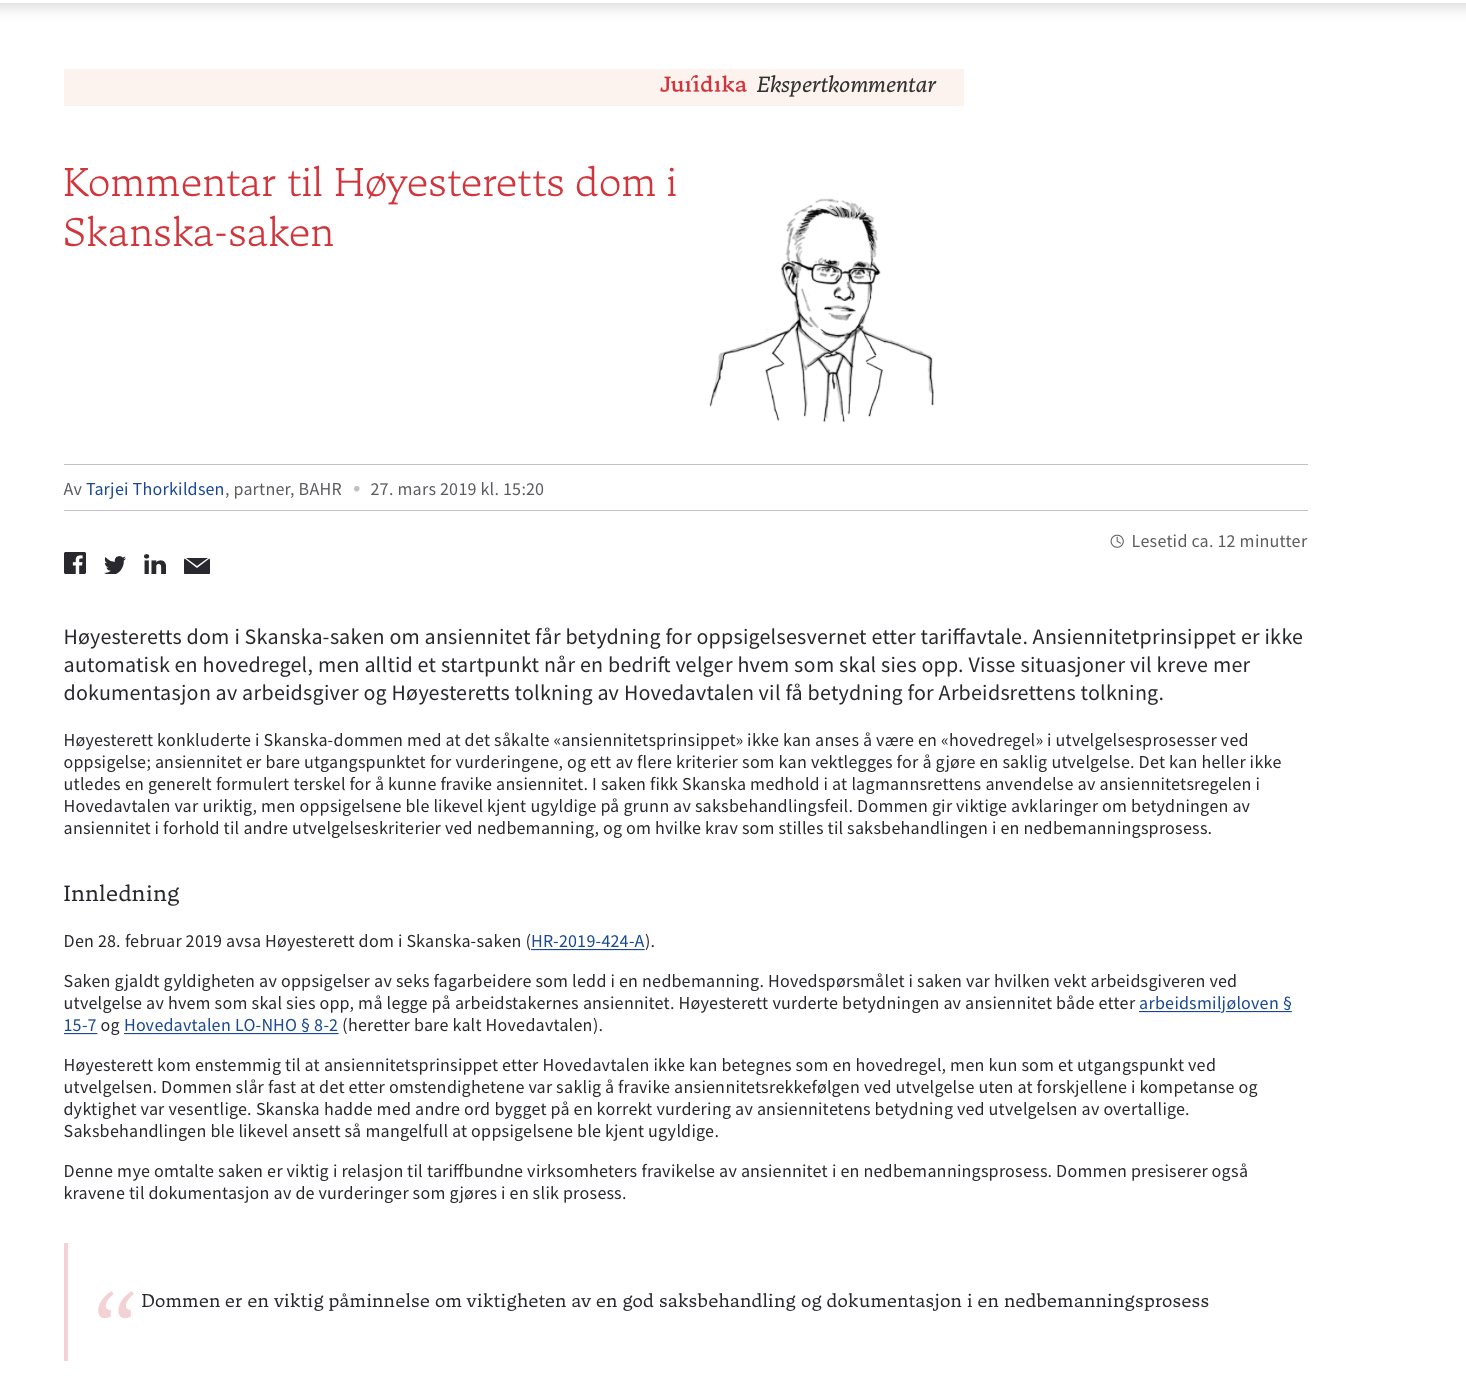 Tarjei Thorkildsens kommentar til Telenor-dommen HR-2019-1986-A